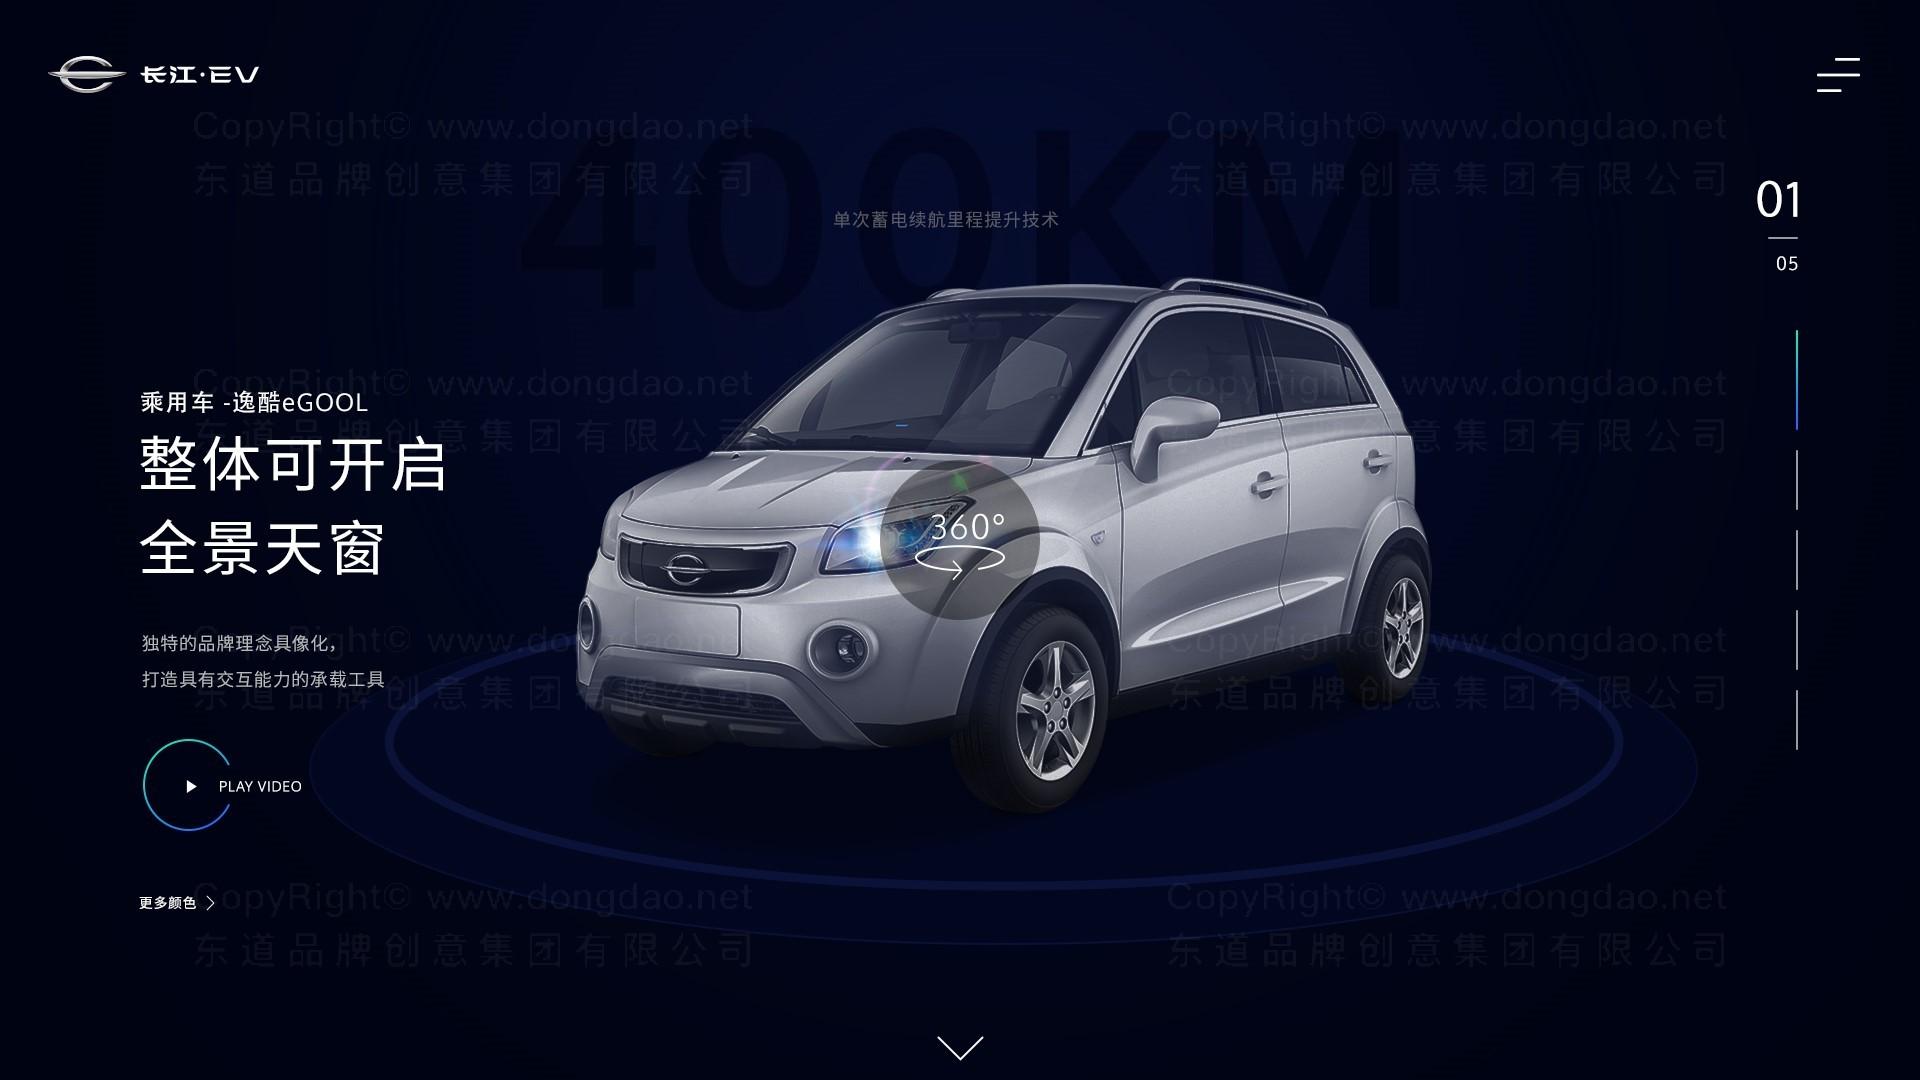 东道数字长江汽车网站设计应用